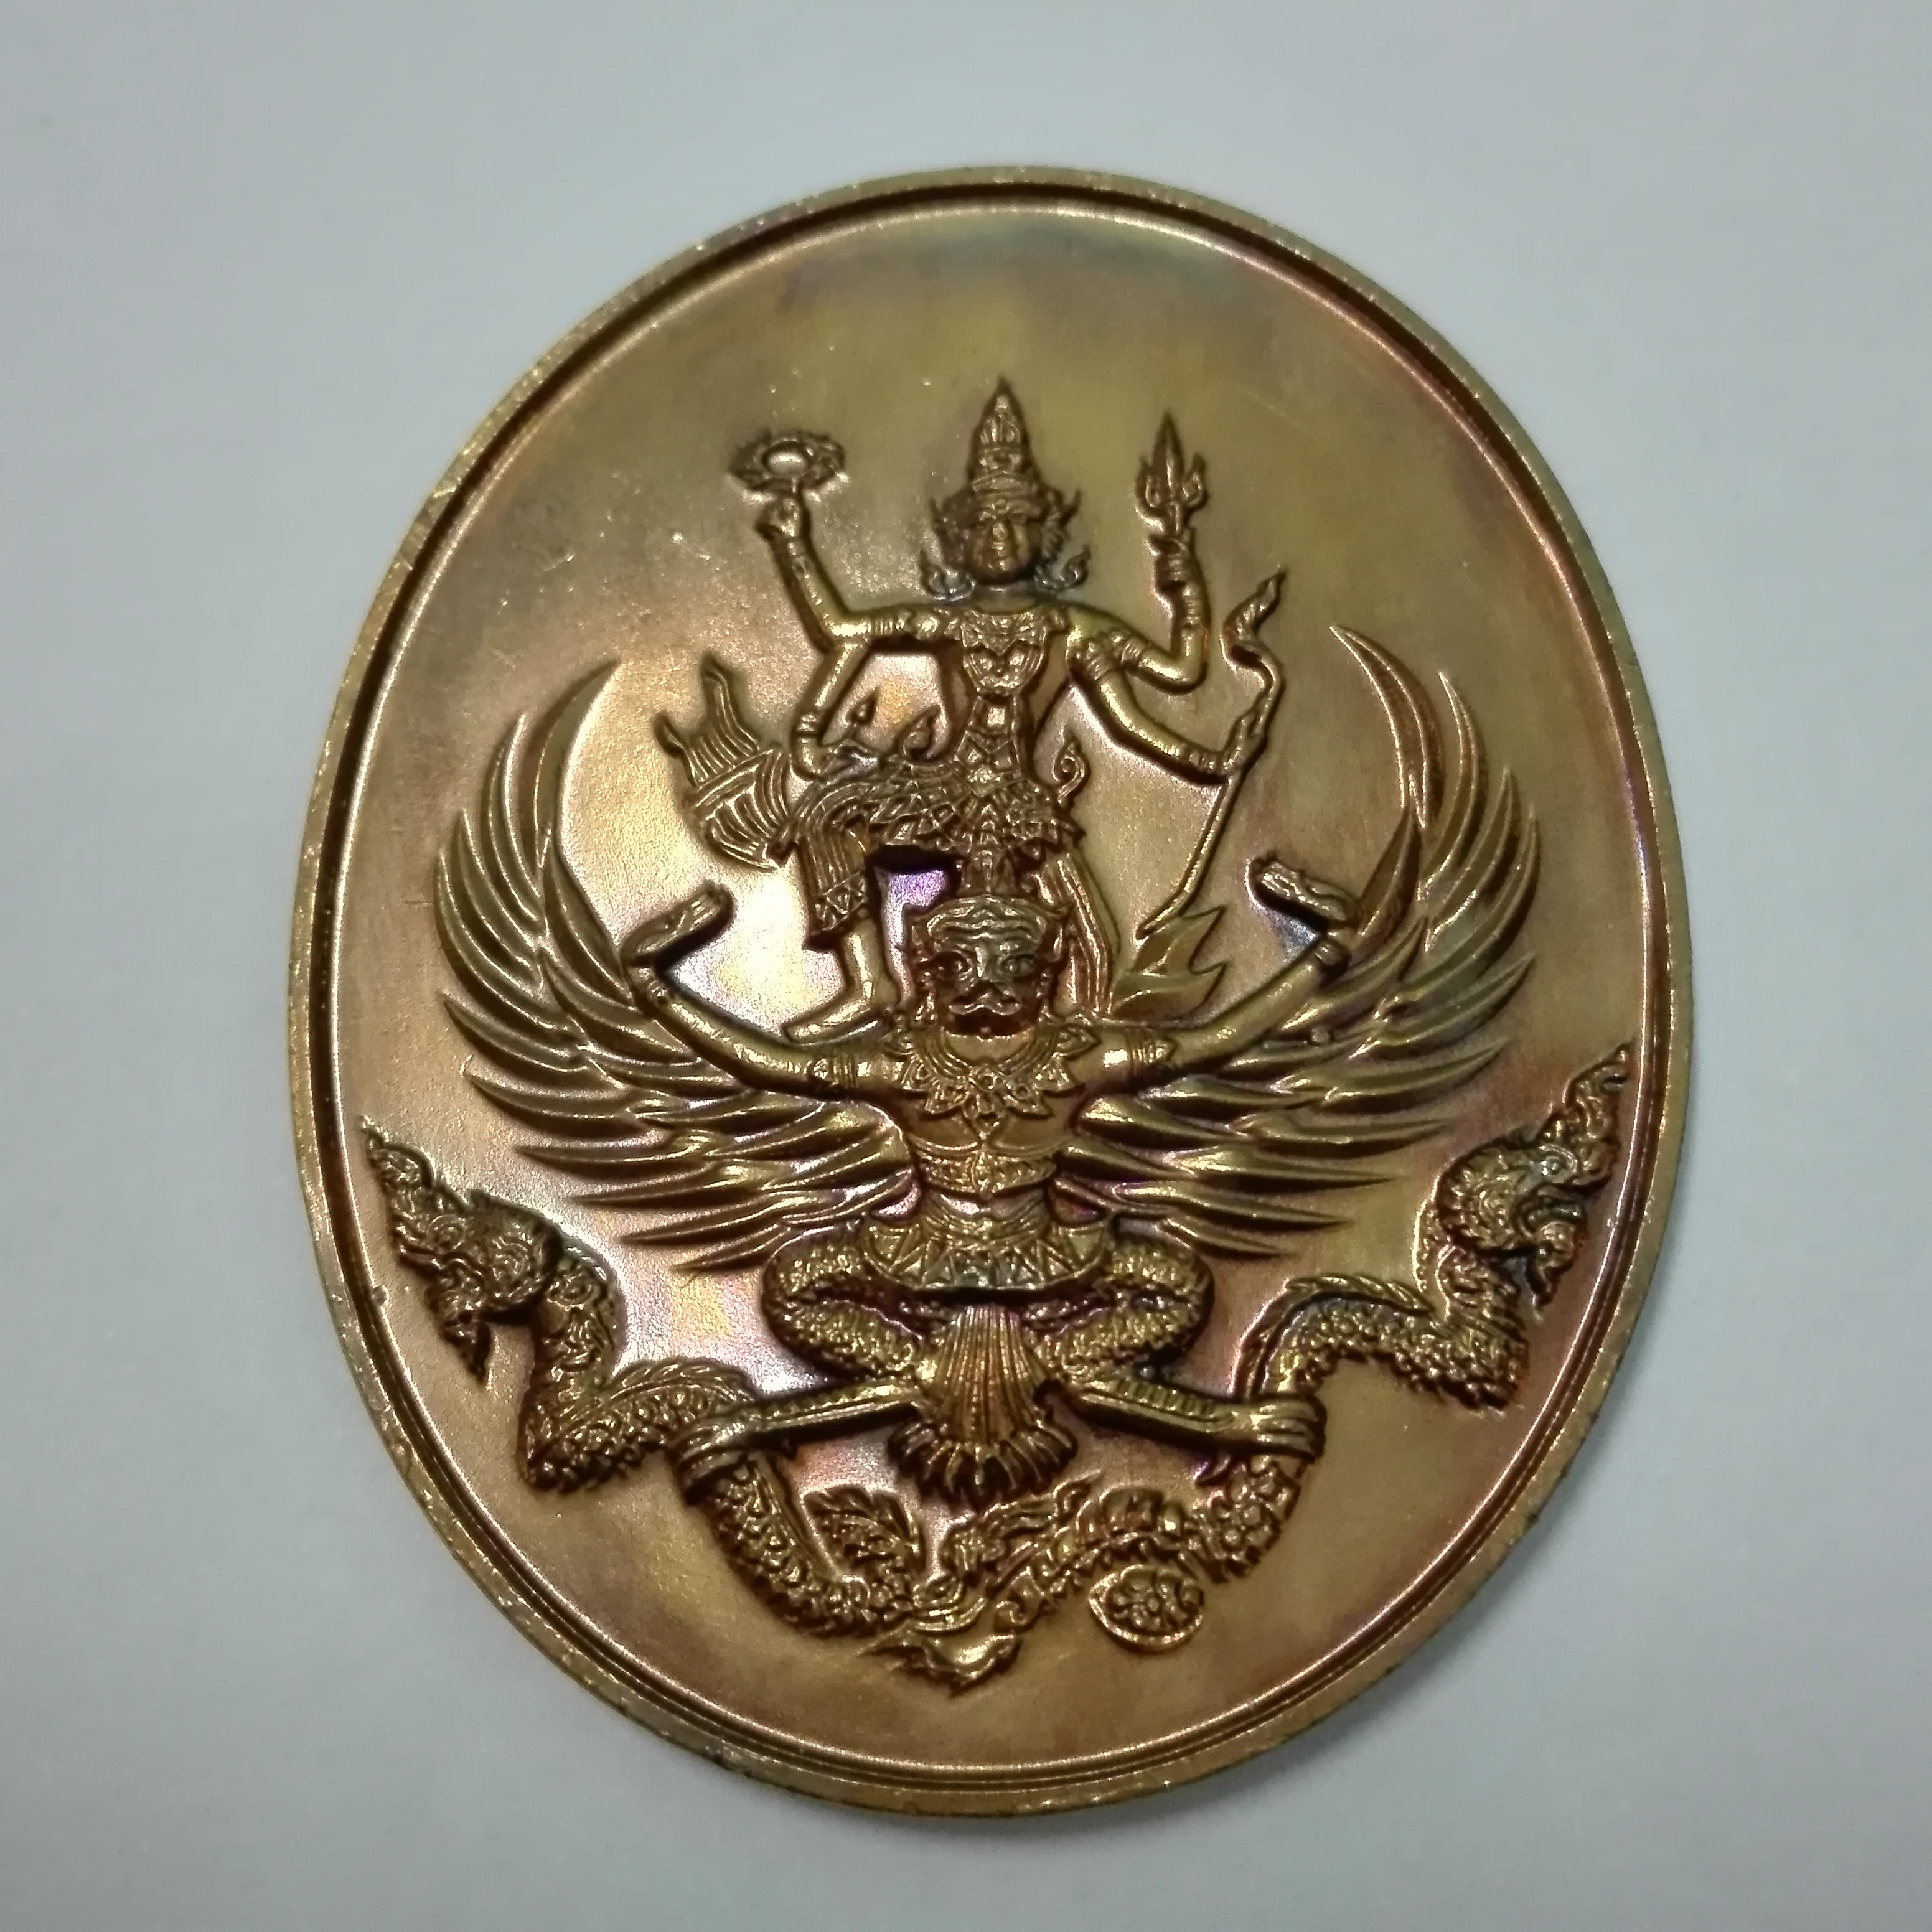 เหรียญพระนารายณ์ทรงครุฑ (ทองแดง) วัดดอยเทพนิมิต